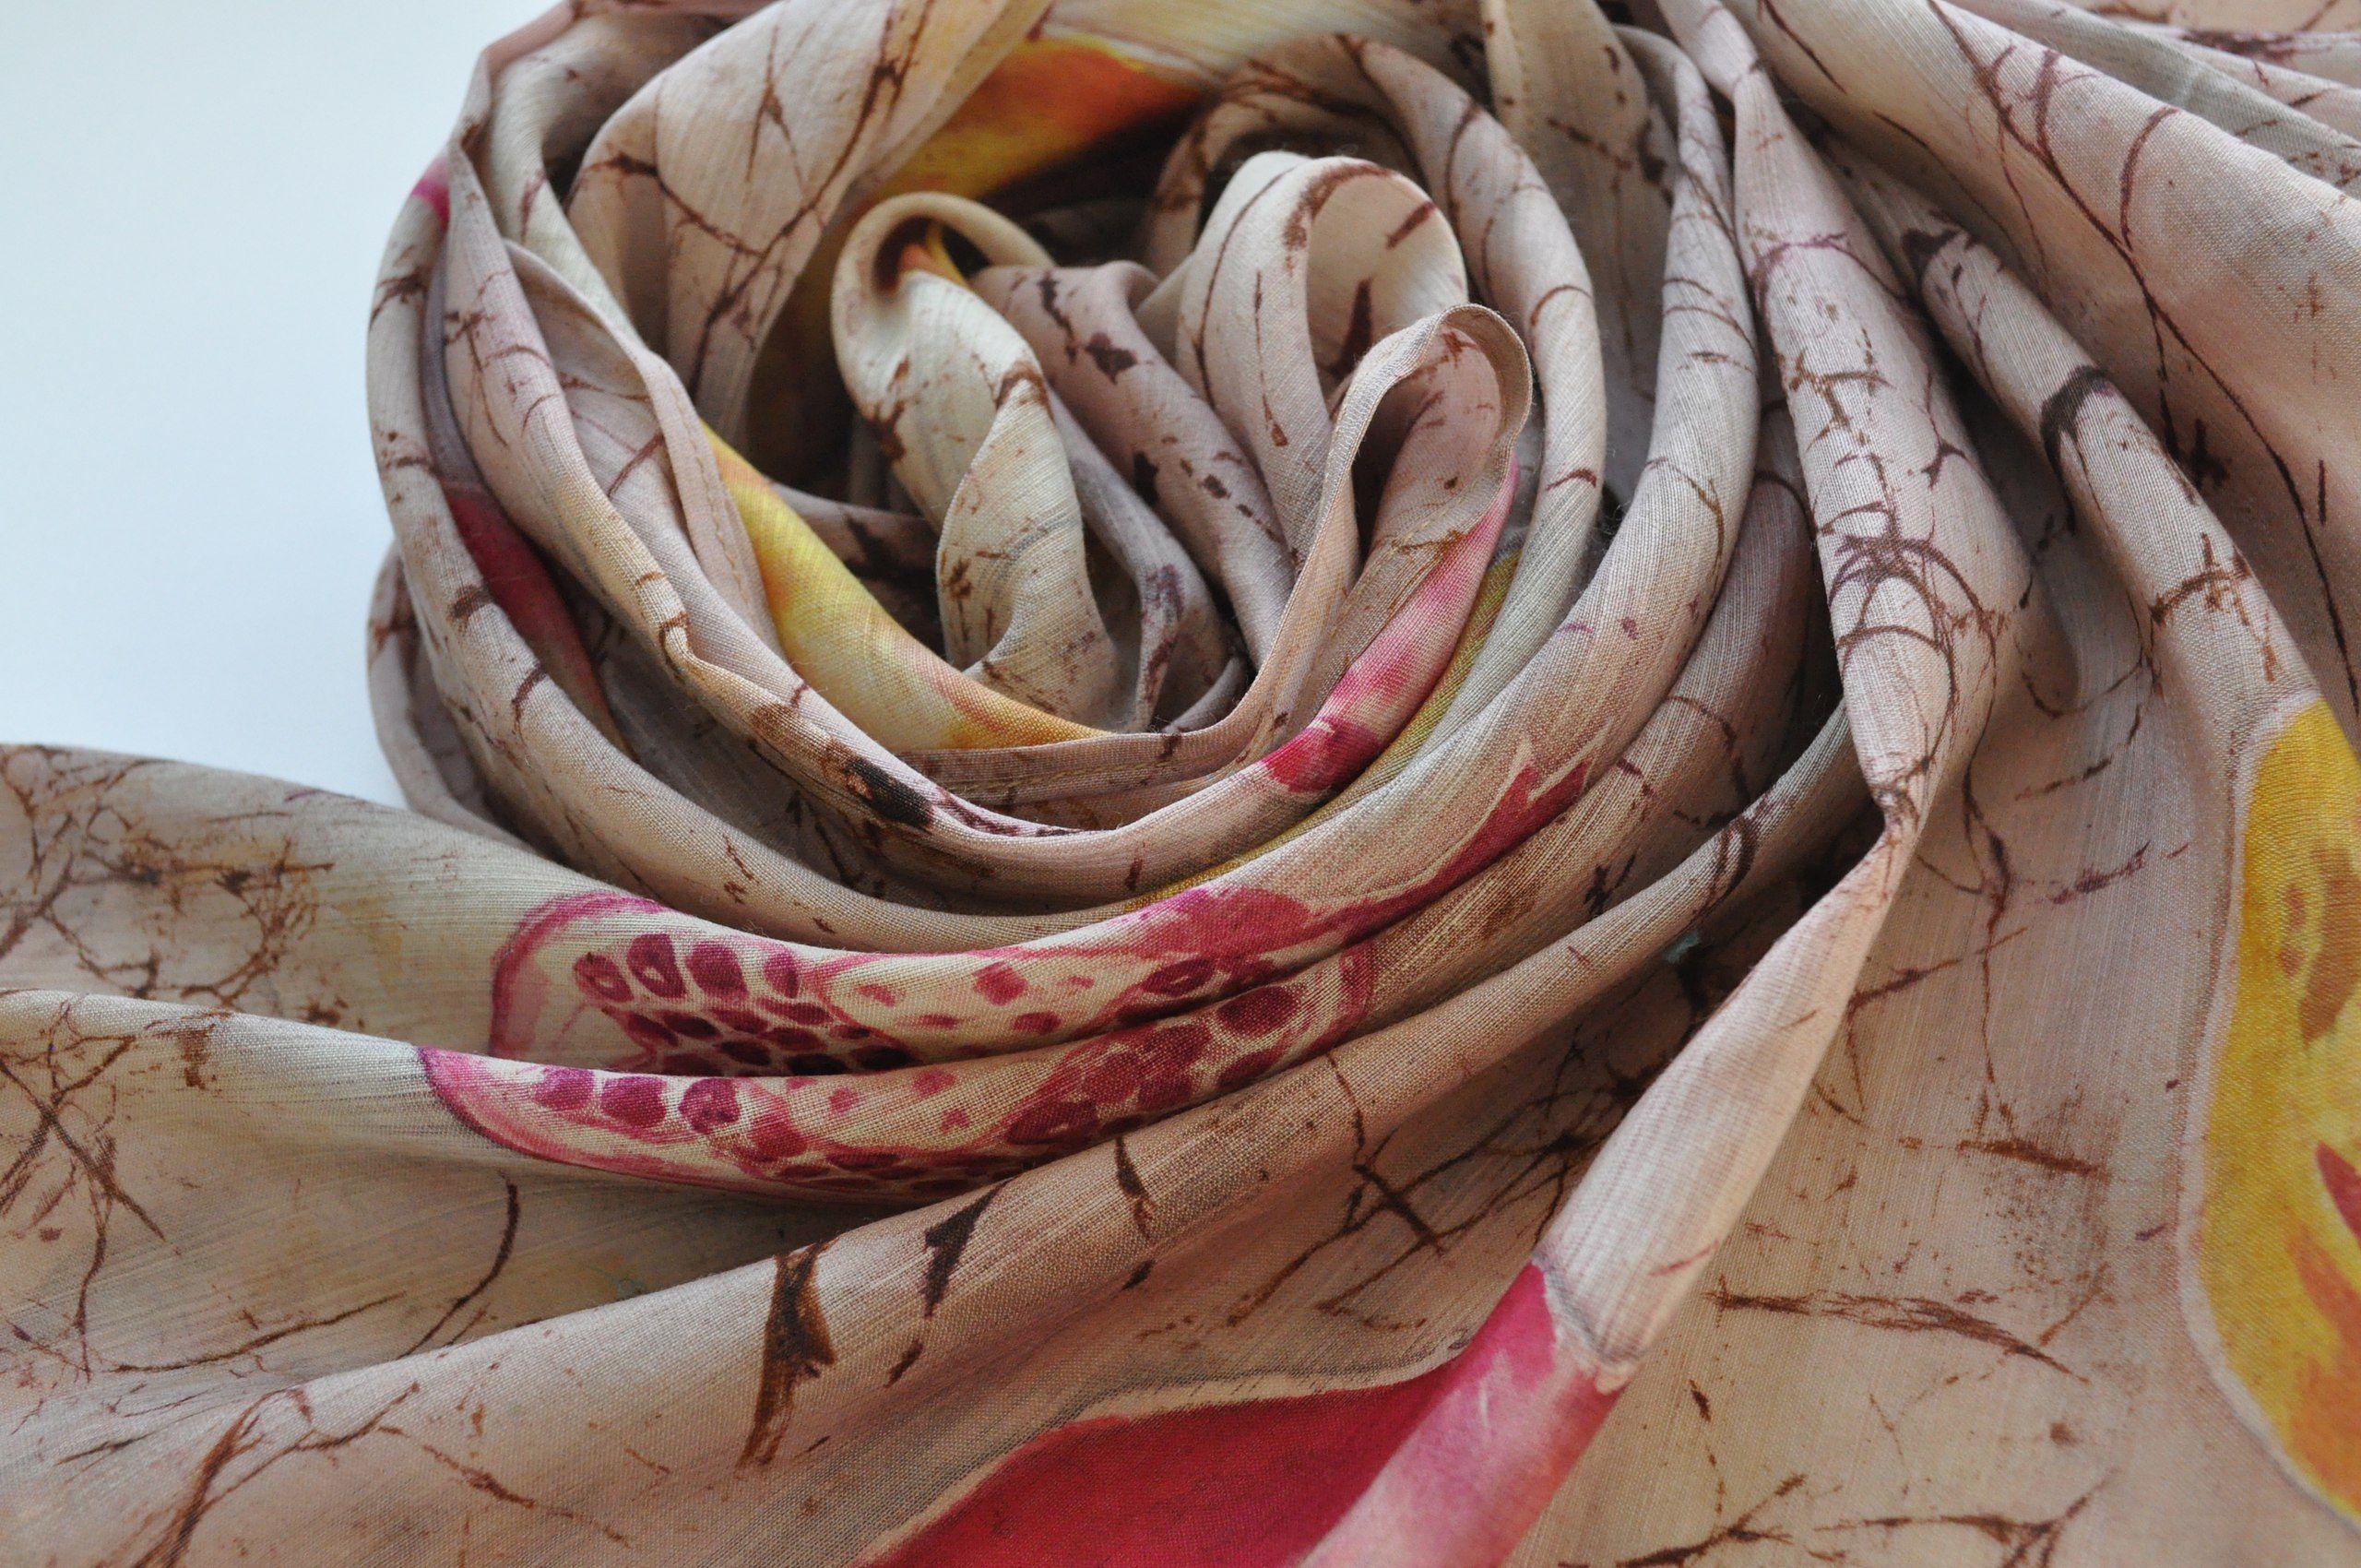 роспись подарокдевушке шарф подарокна8марта ручная росписьткани женскийшарф батик батикназаказ